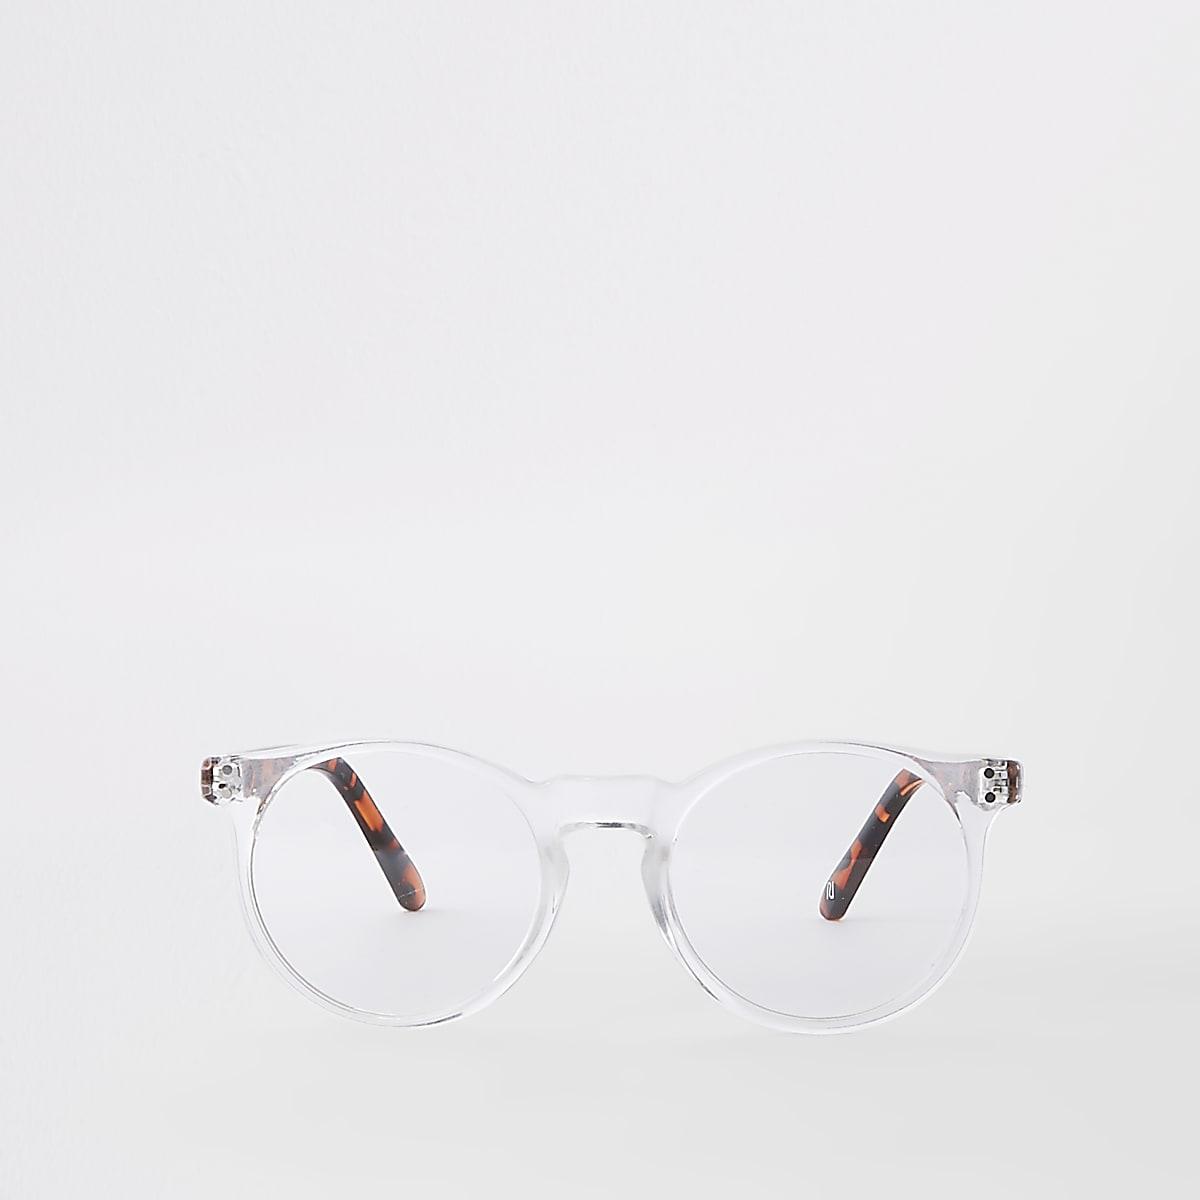 Lunettes rondes preppy transparentes